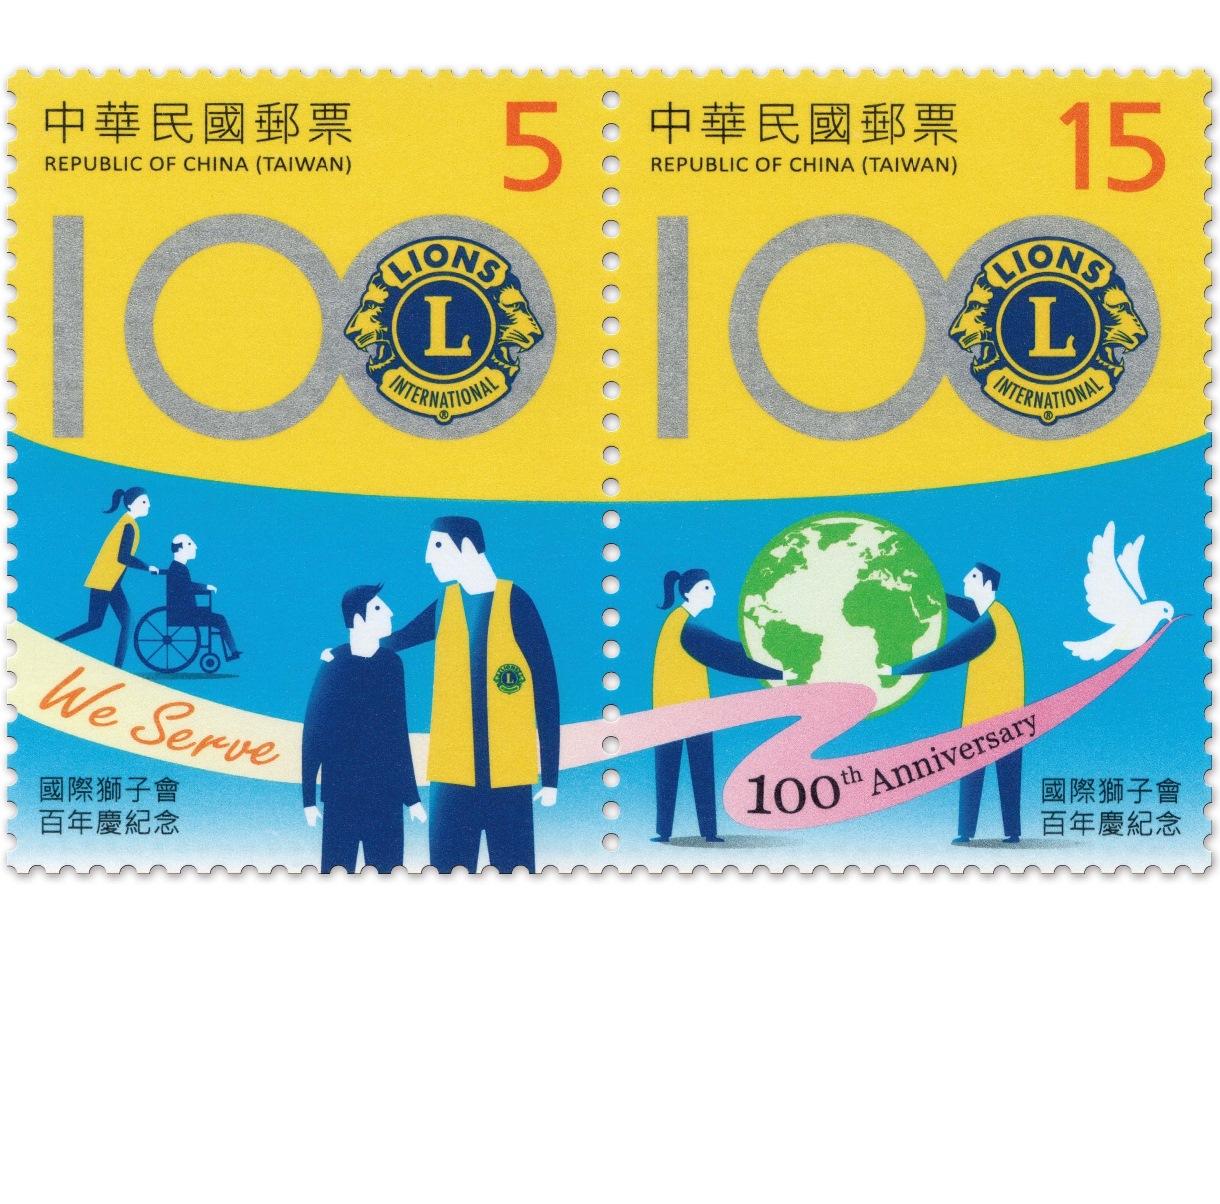 國際獅子會百年慶紀念郵票